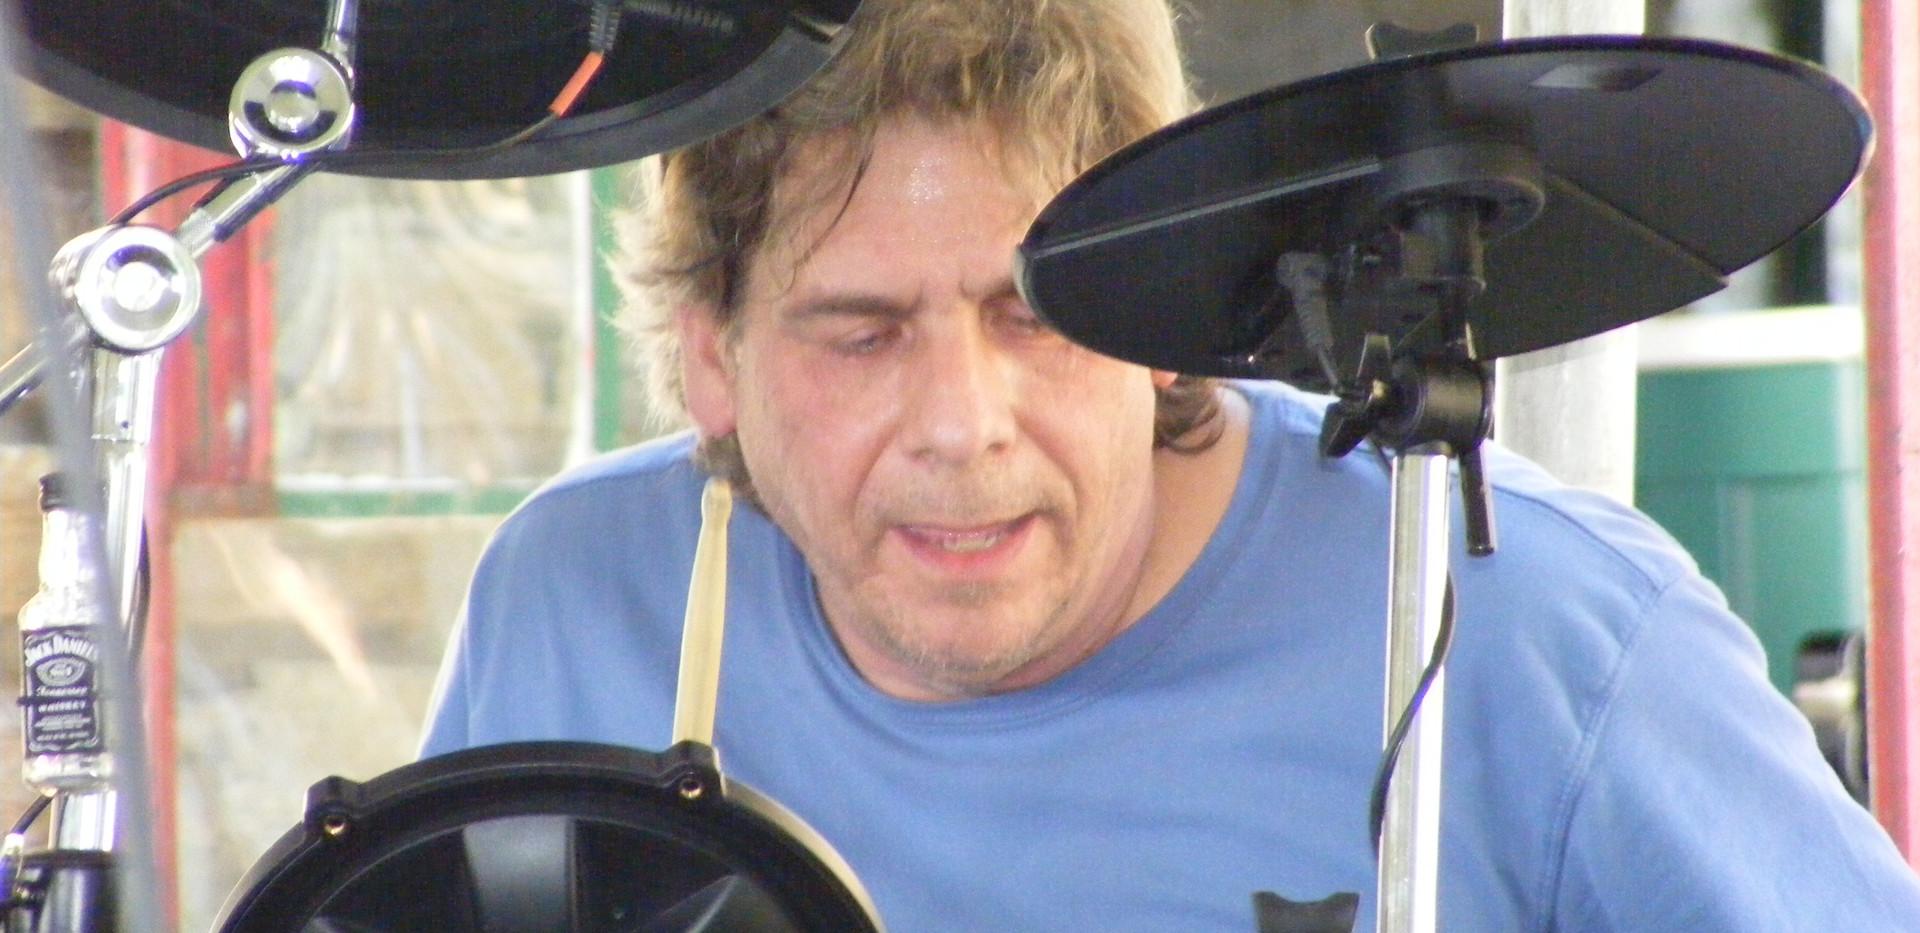 Performing at Bay Days